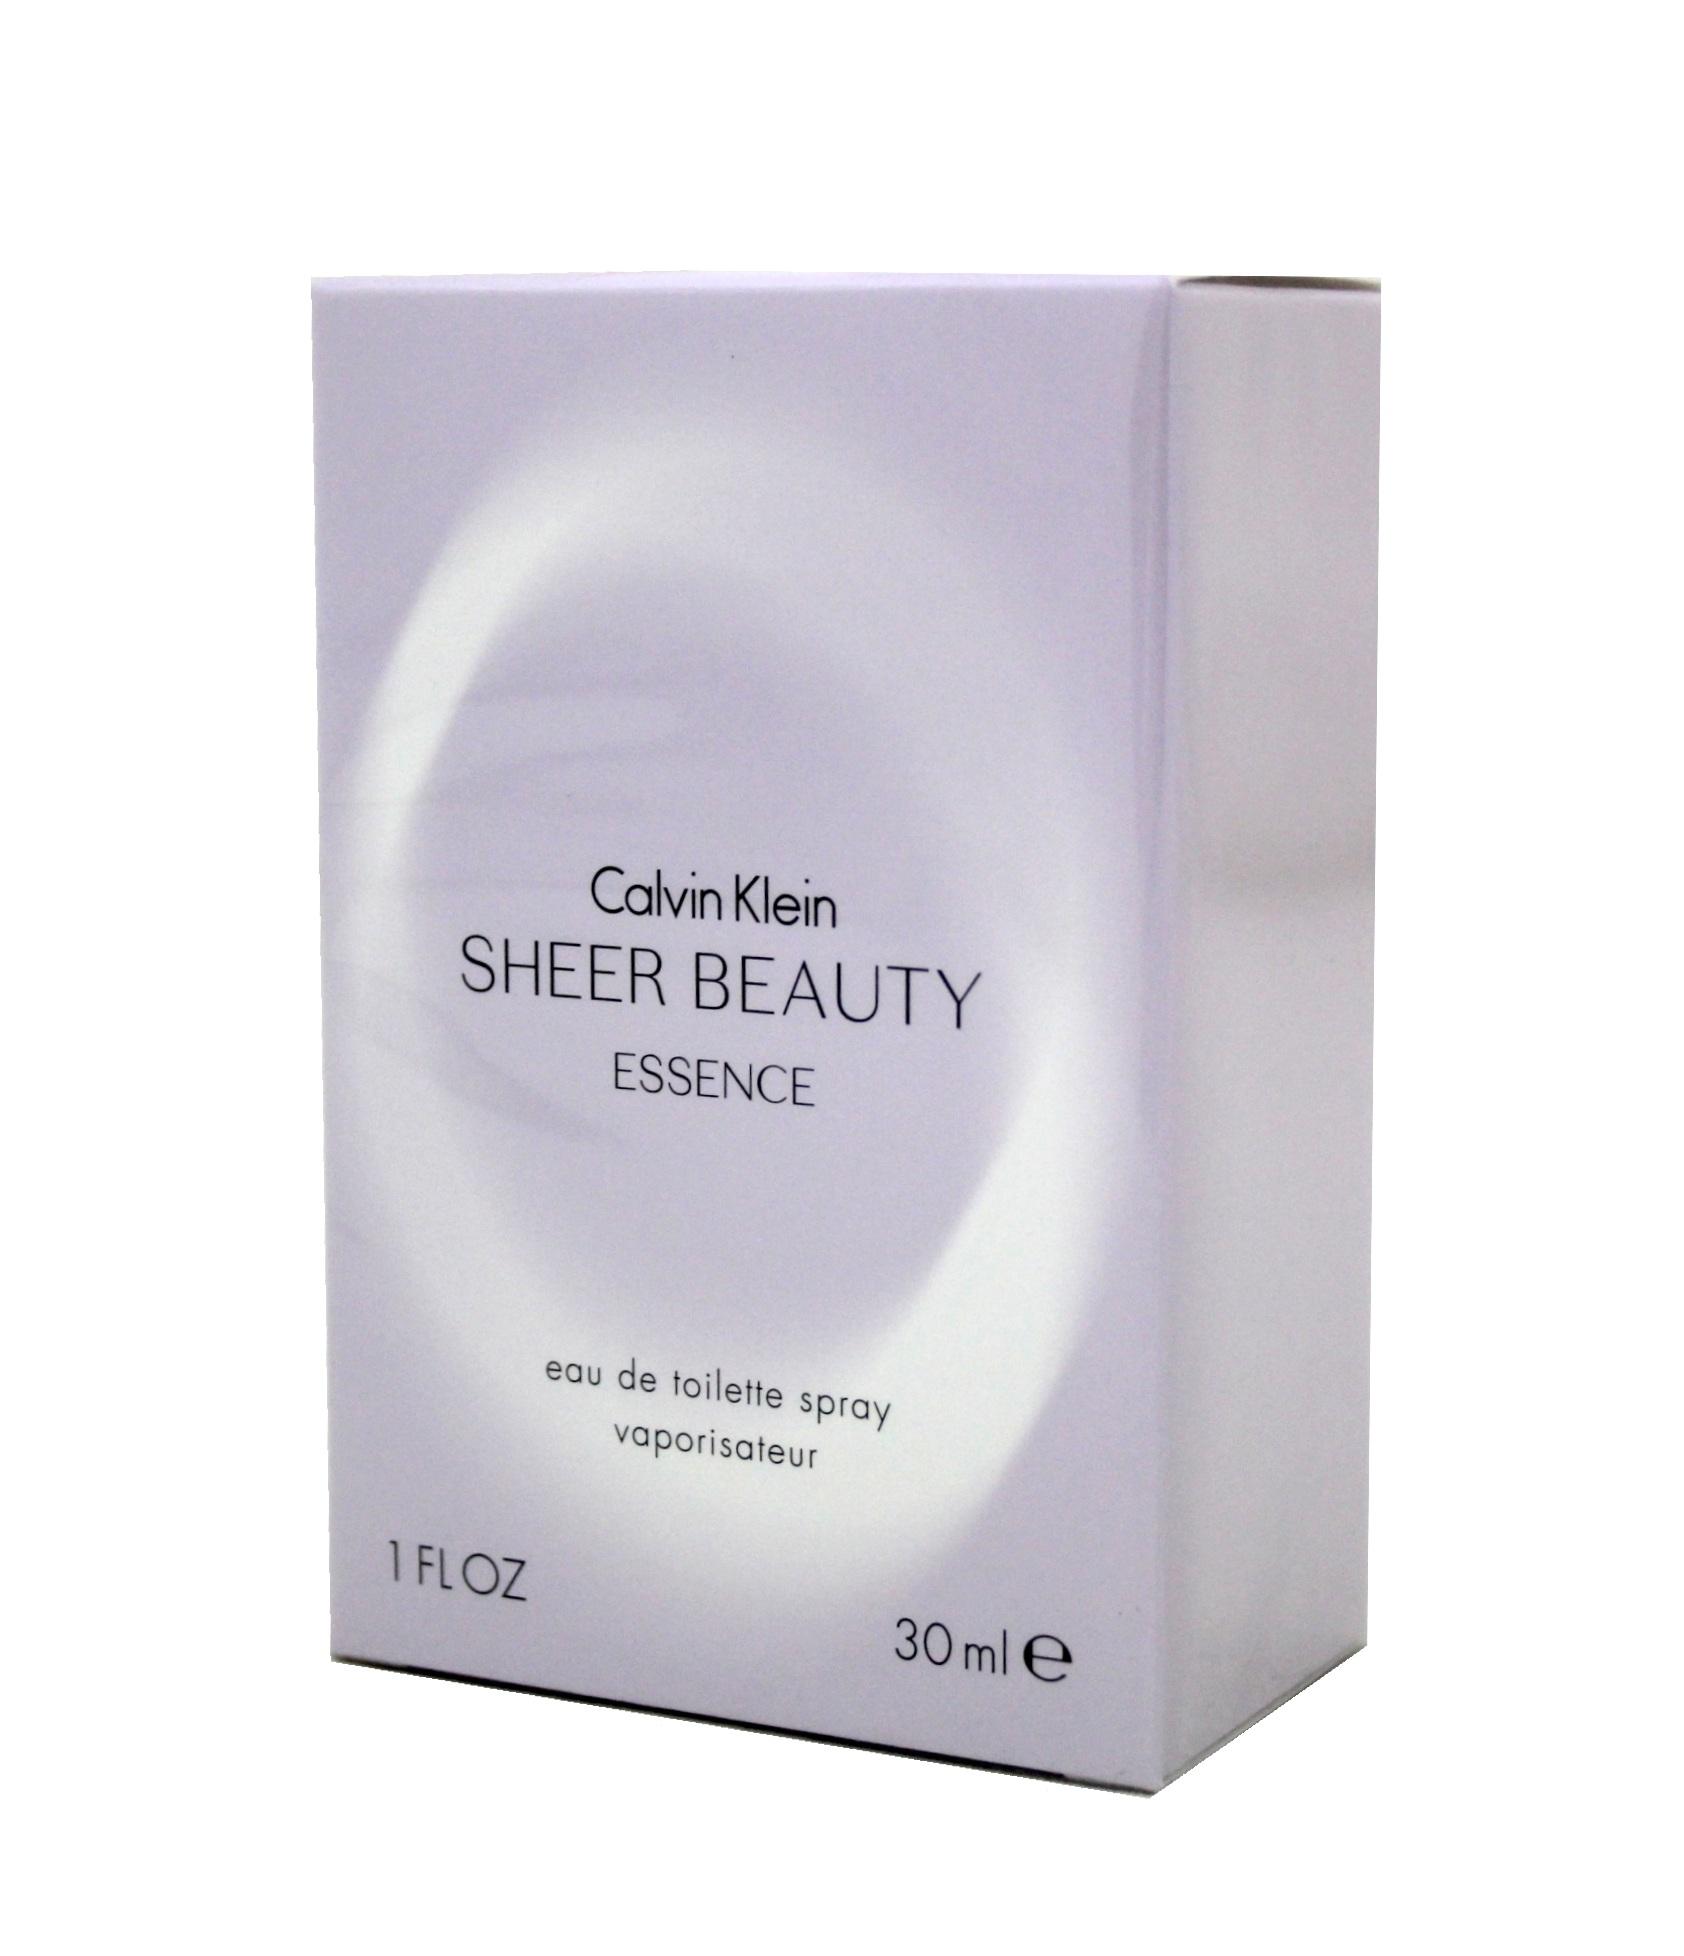 Calvin Klein Beauty Sheer Essence Eau de Toilette